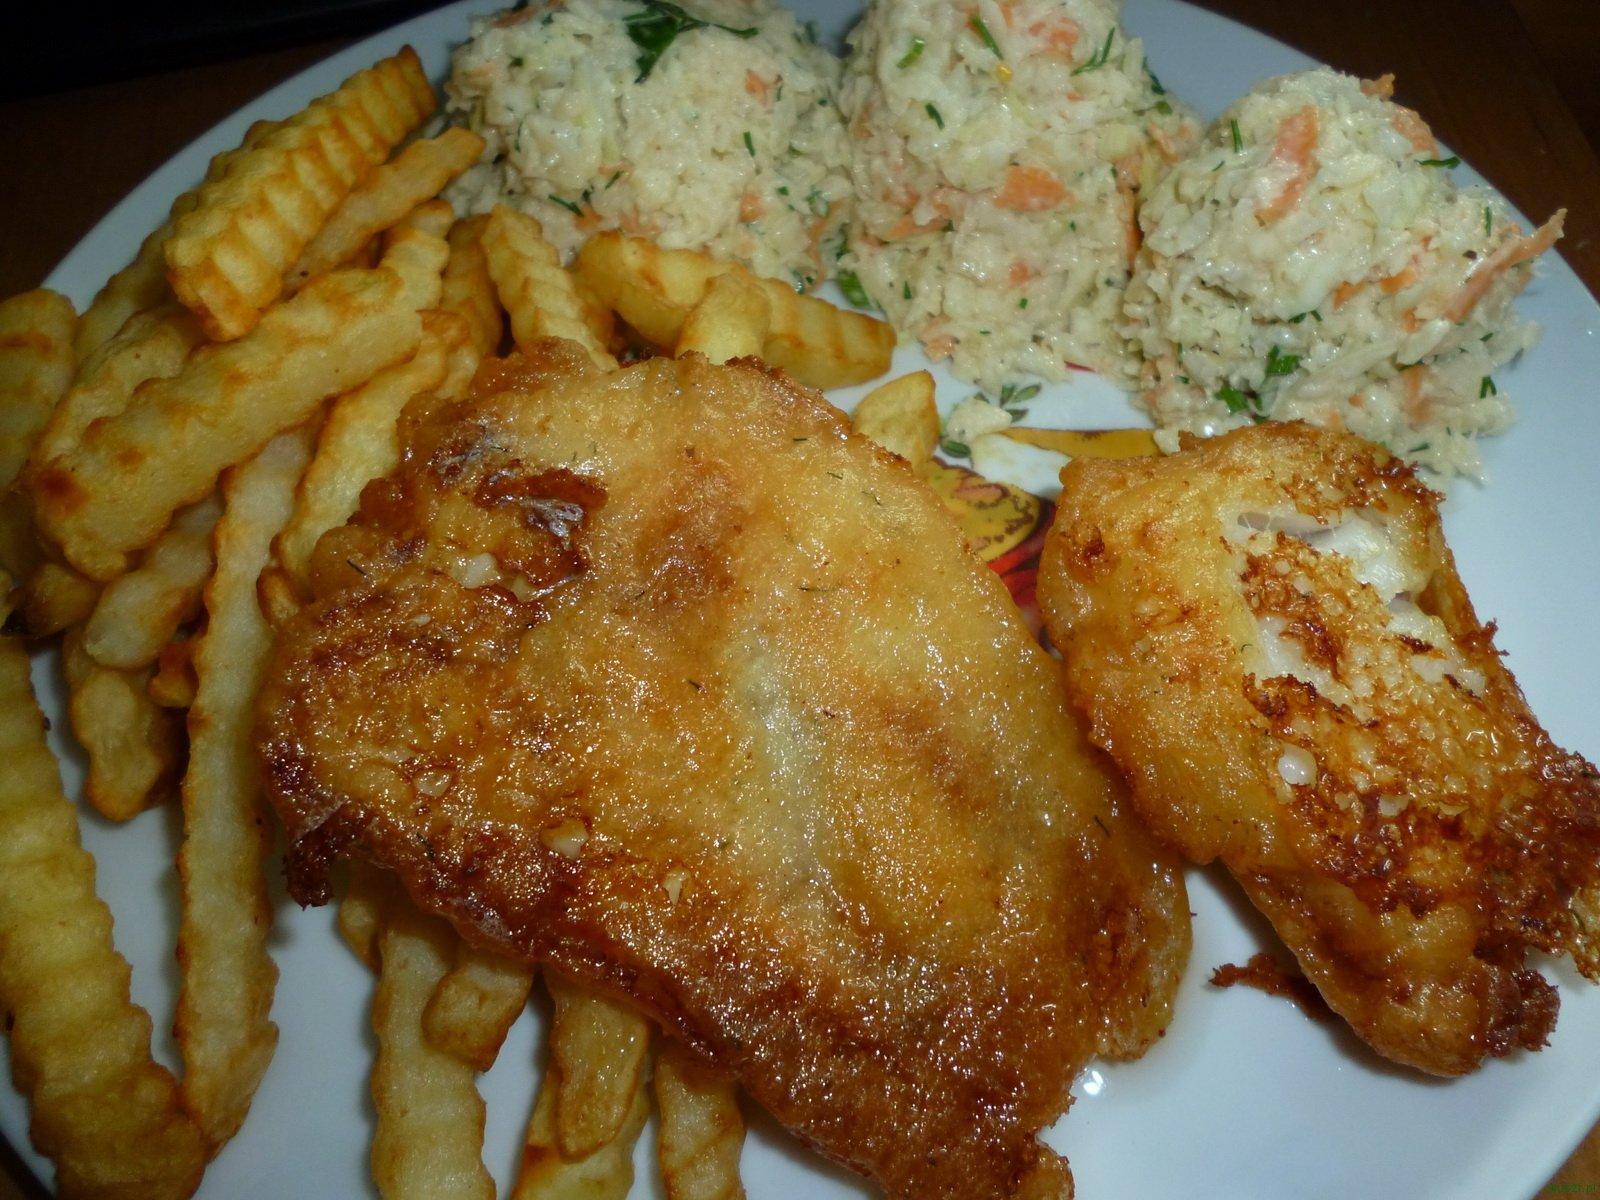 ryba w piwnym ciescie frytki coleslaw 89. Ryba w piwnym cieście, frytki i colesław